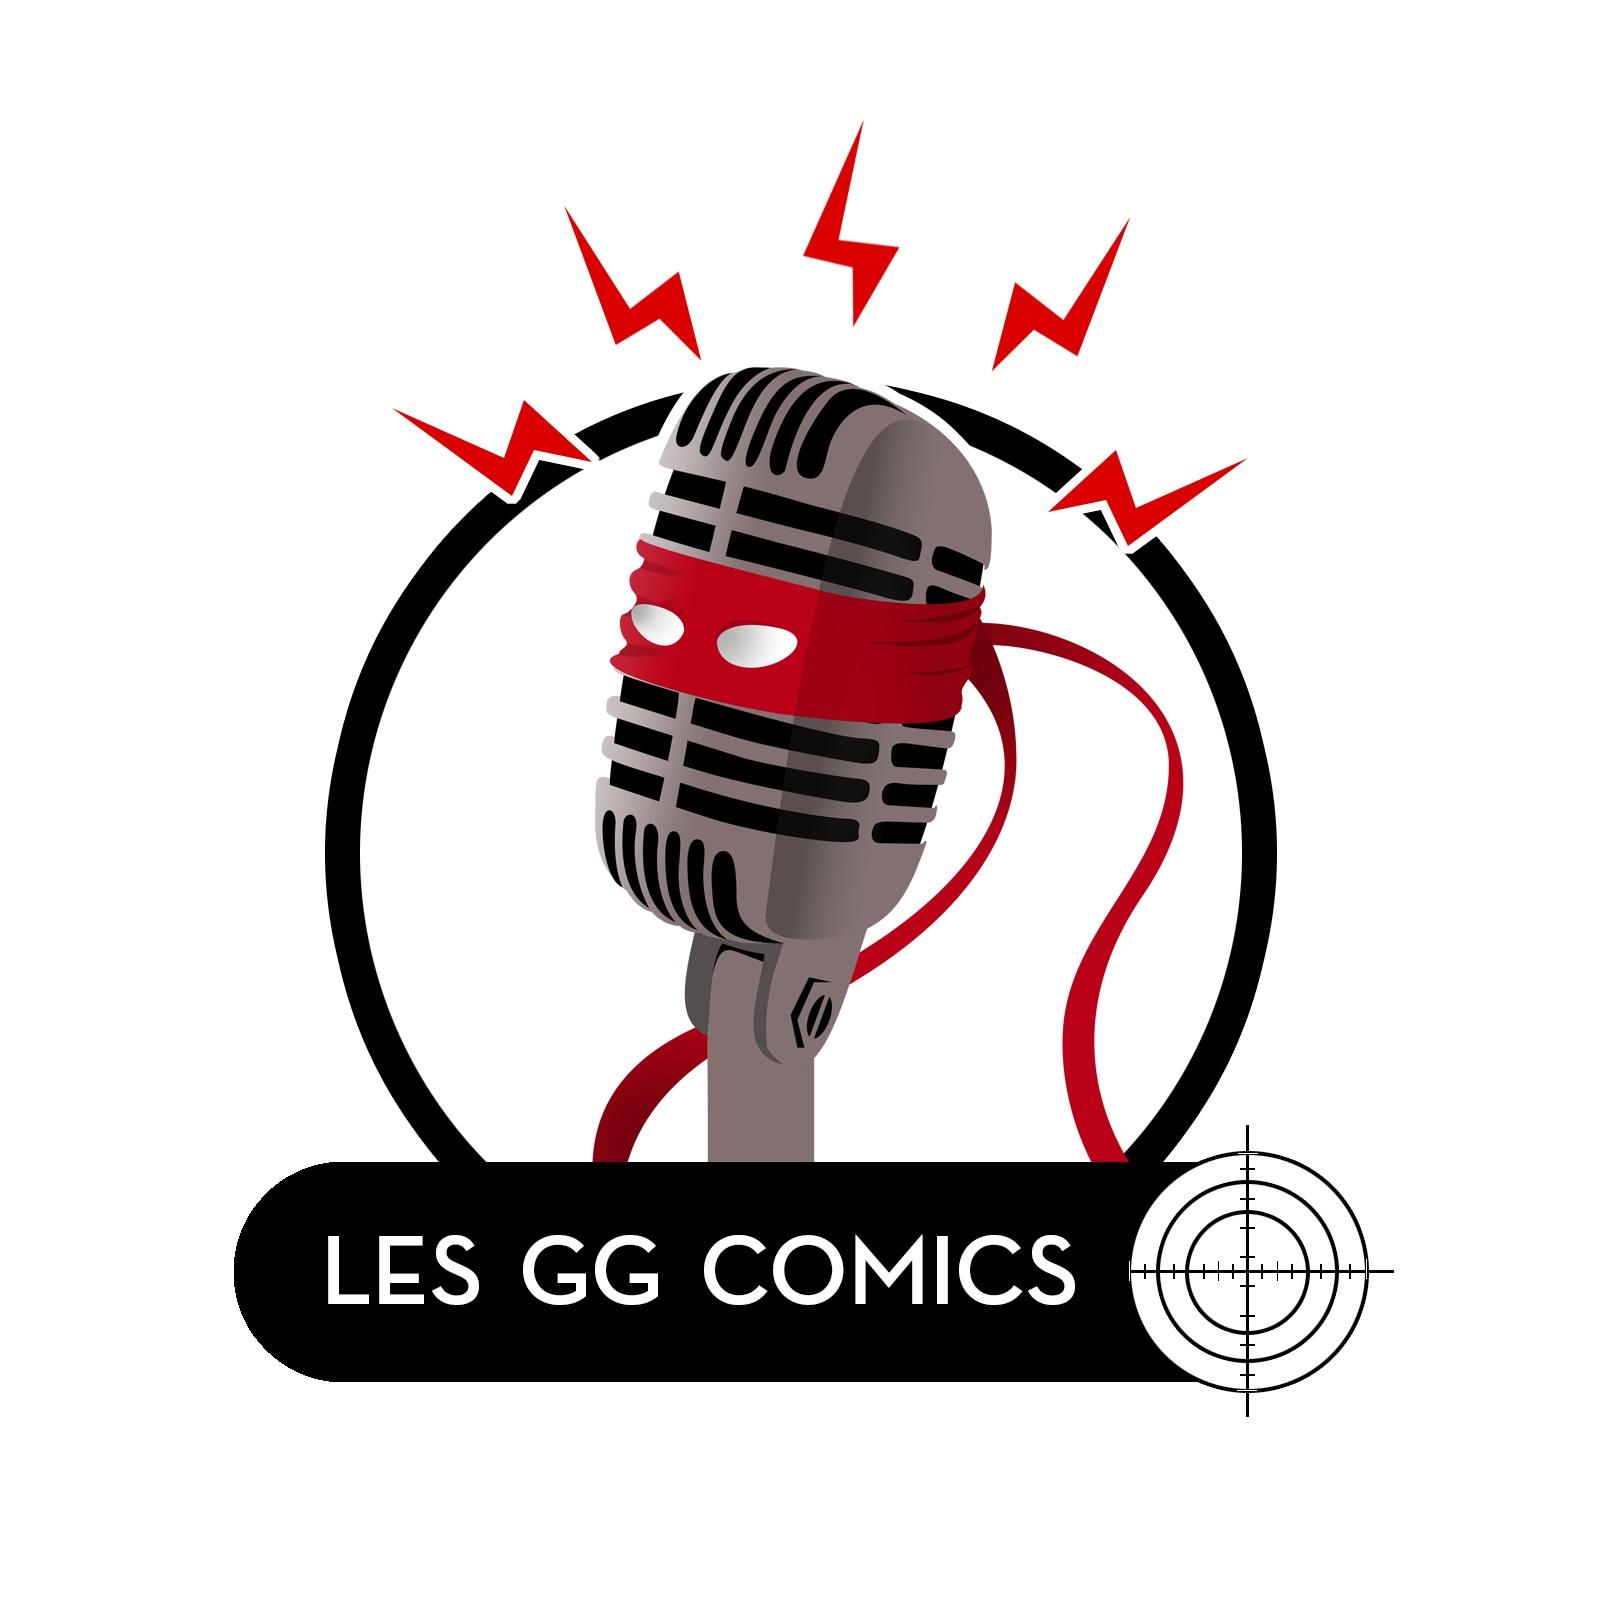 Les GG comics #048 : Les Avengers, La plus puissante équipe de super héros ?